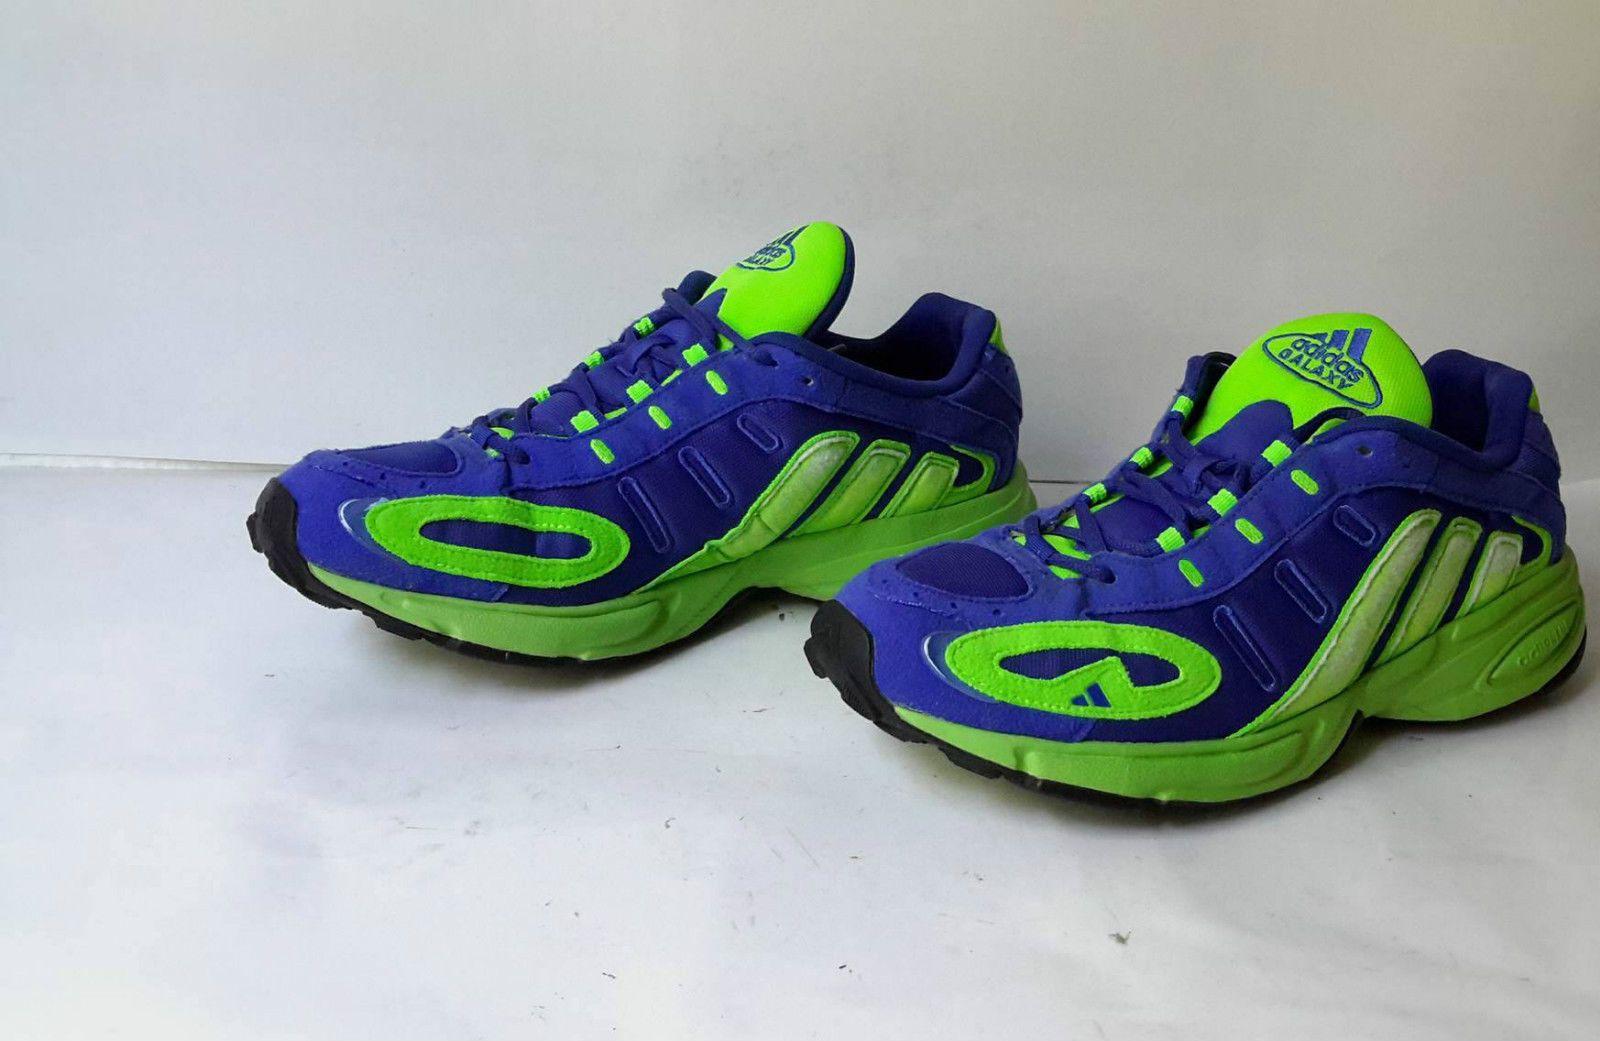 Adidas Galaxy Vintage Schuh Sneaker Herren grün blau jahr